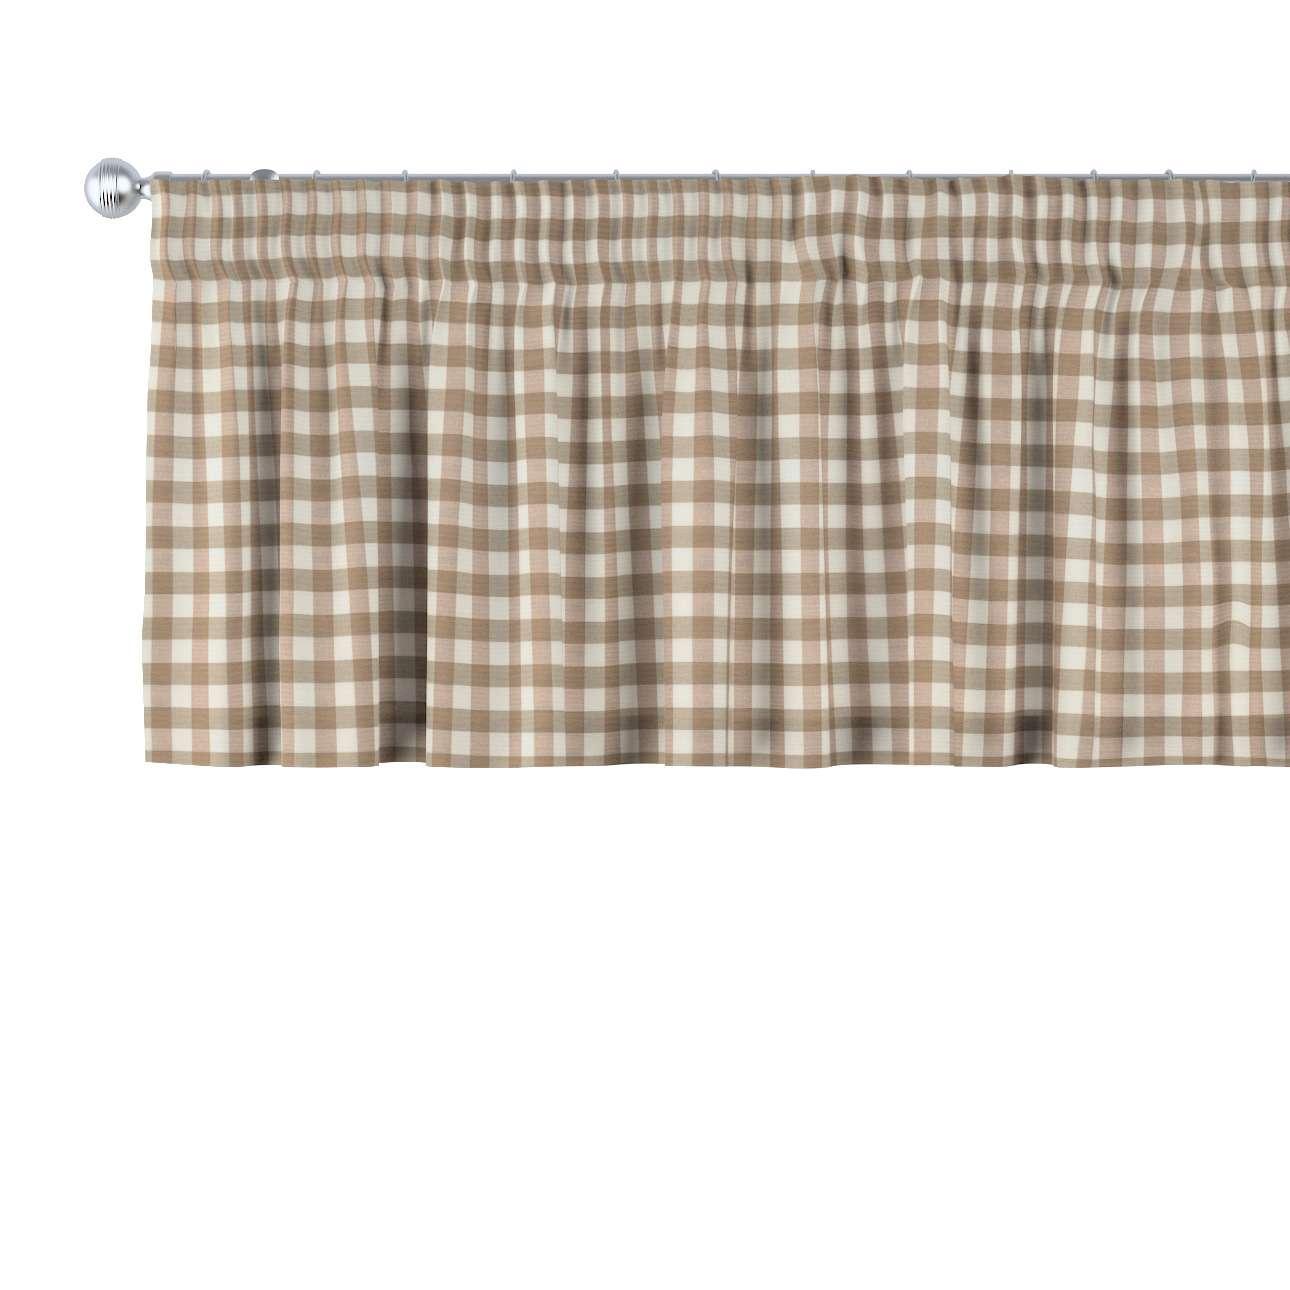 Lambrekin na taśmie marszczącej 130 x 40 cm w kolekcji Quadro, tkanina: 136-06